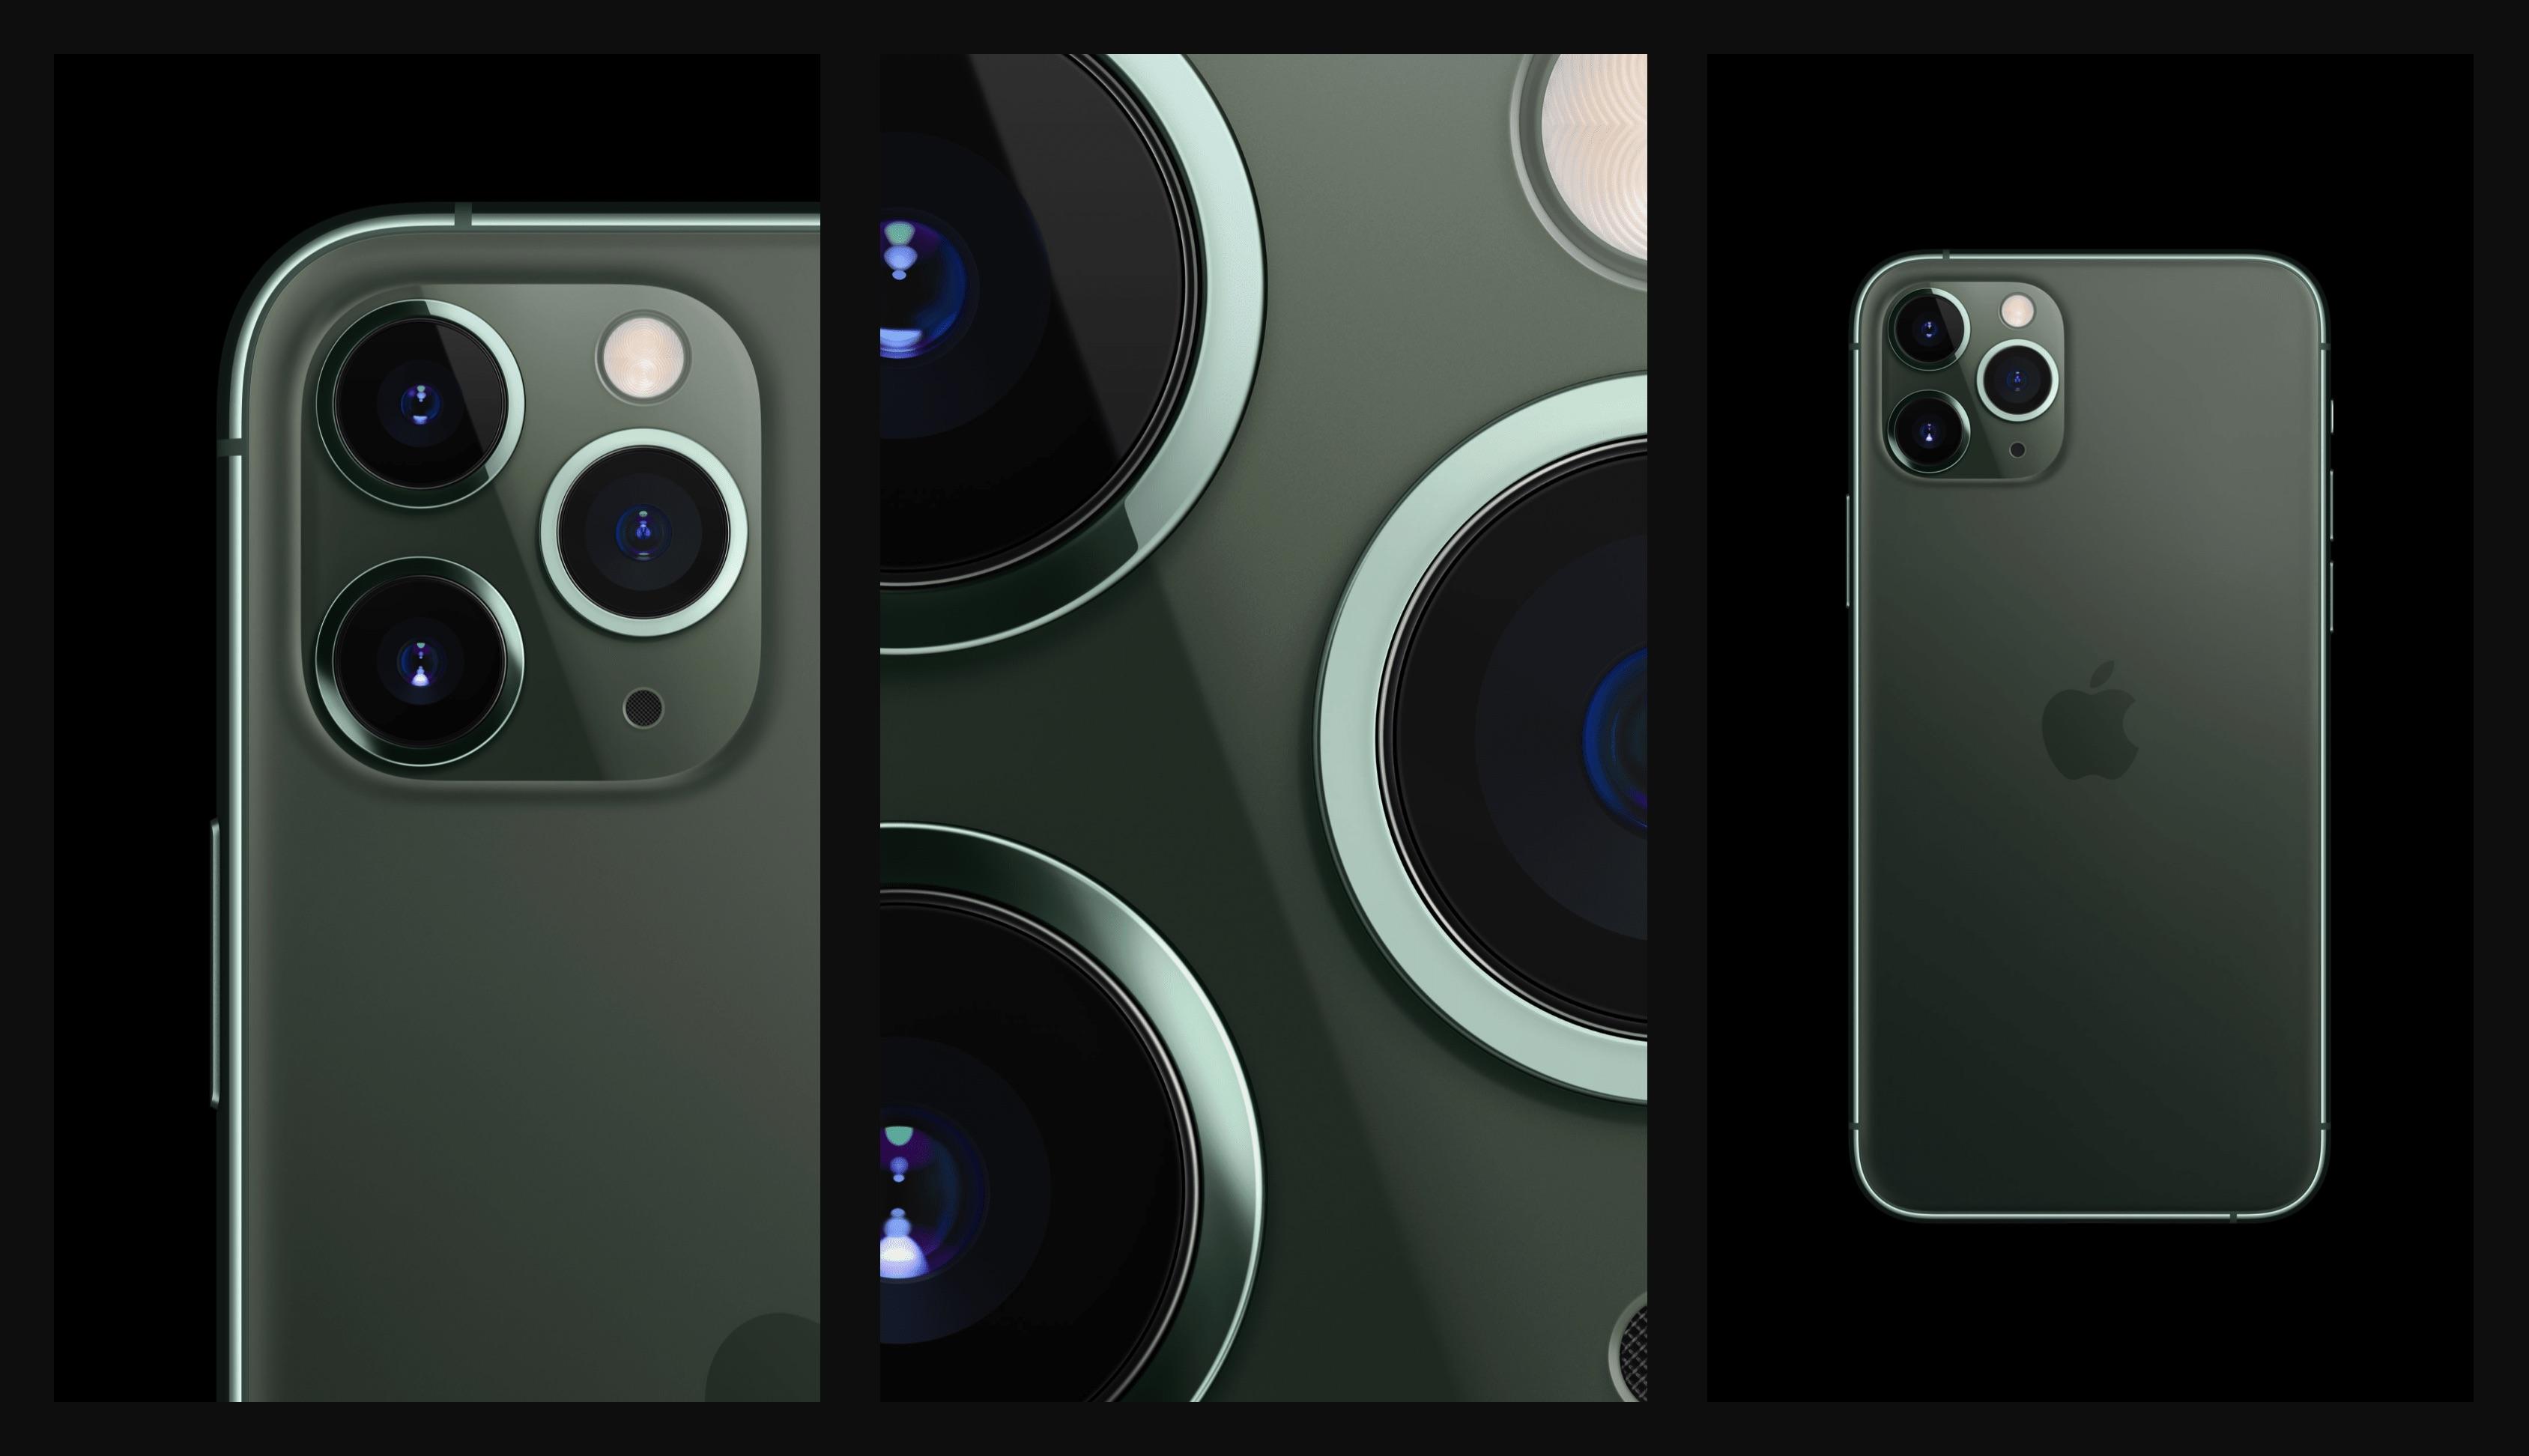 Pojawiają się pierwsze recenzje iPhone 11 Pro – co zachwyca w nim przede wszystkim?